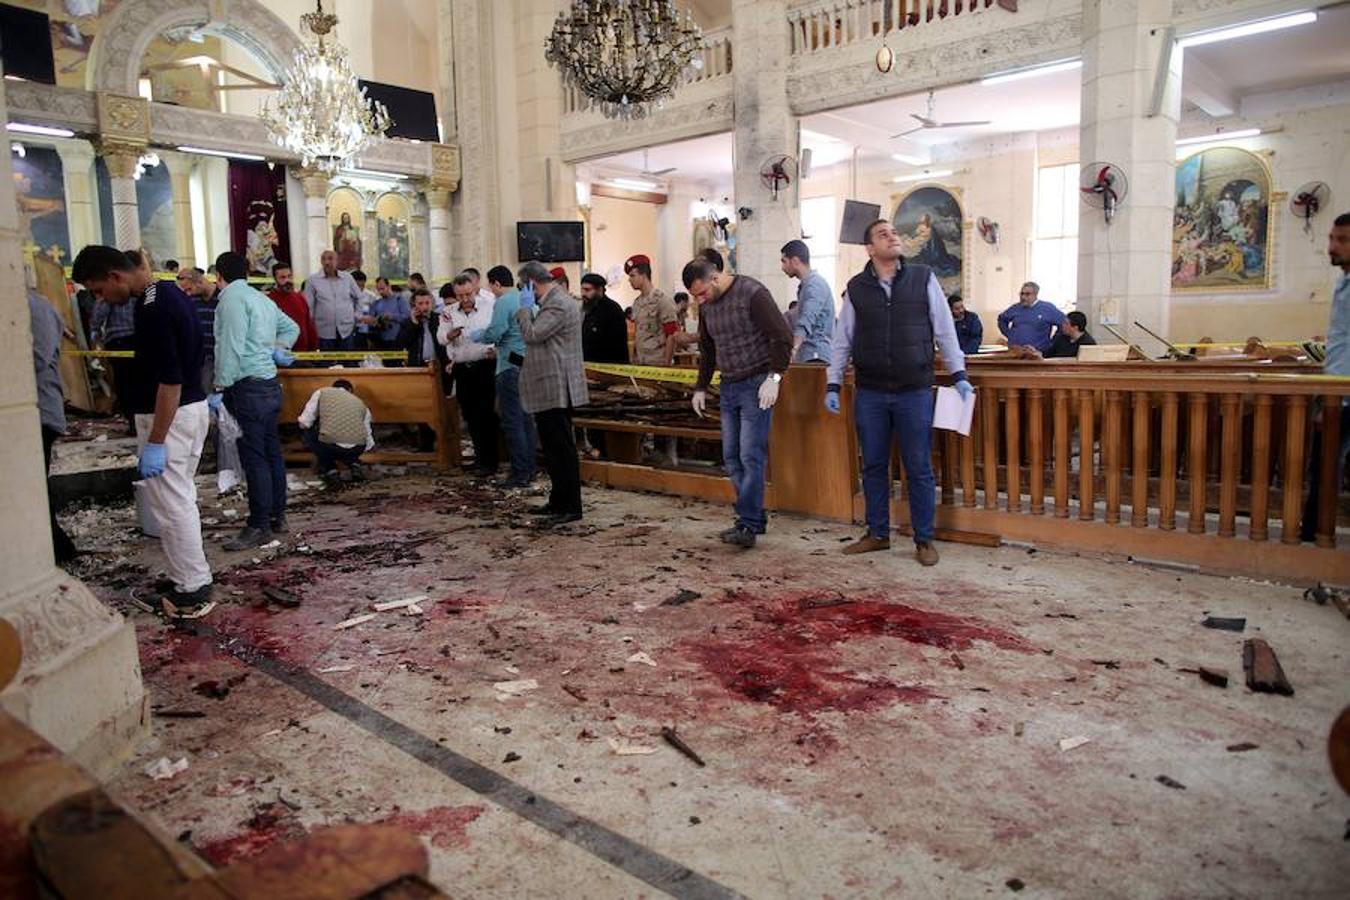 La celebración del Domingo de Ramos se ha tornado en tragedia tras una explosión en una iglesia copta en la localidad egipcia de Tanta, que se ha cobrado al menos 25 muertos